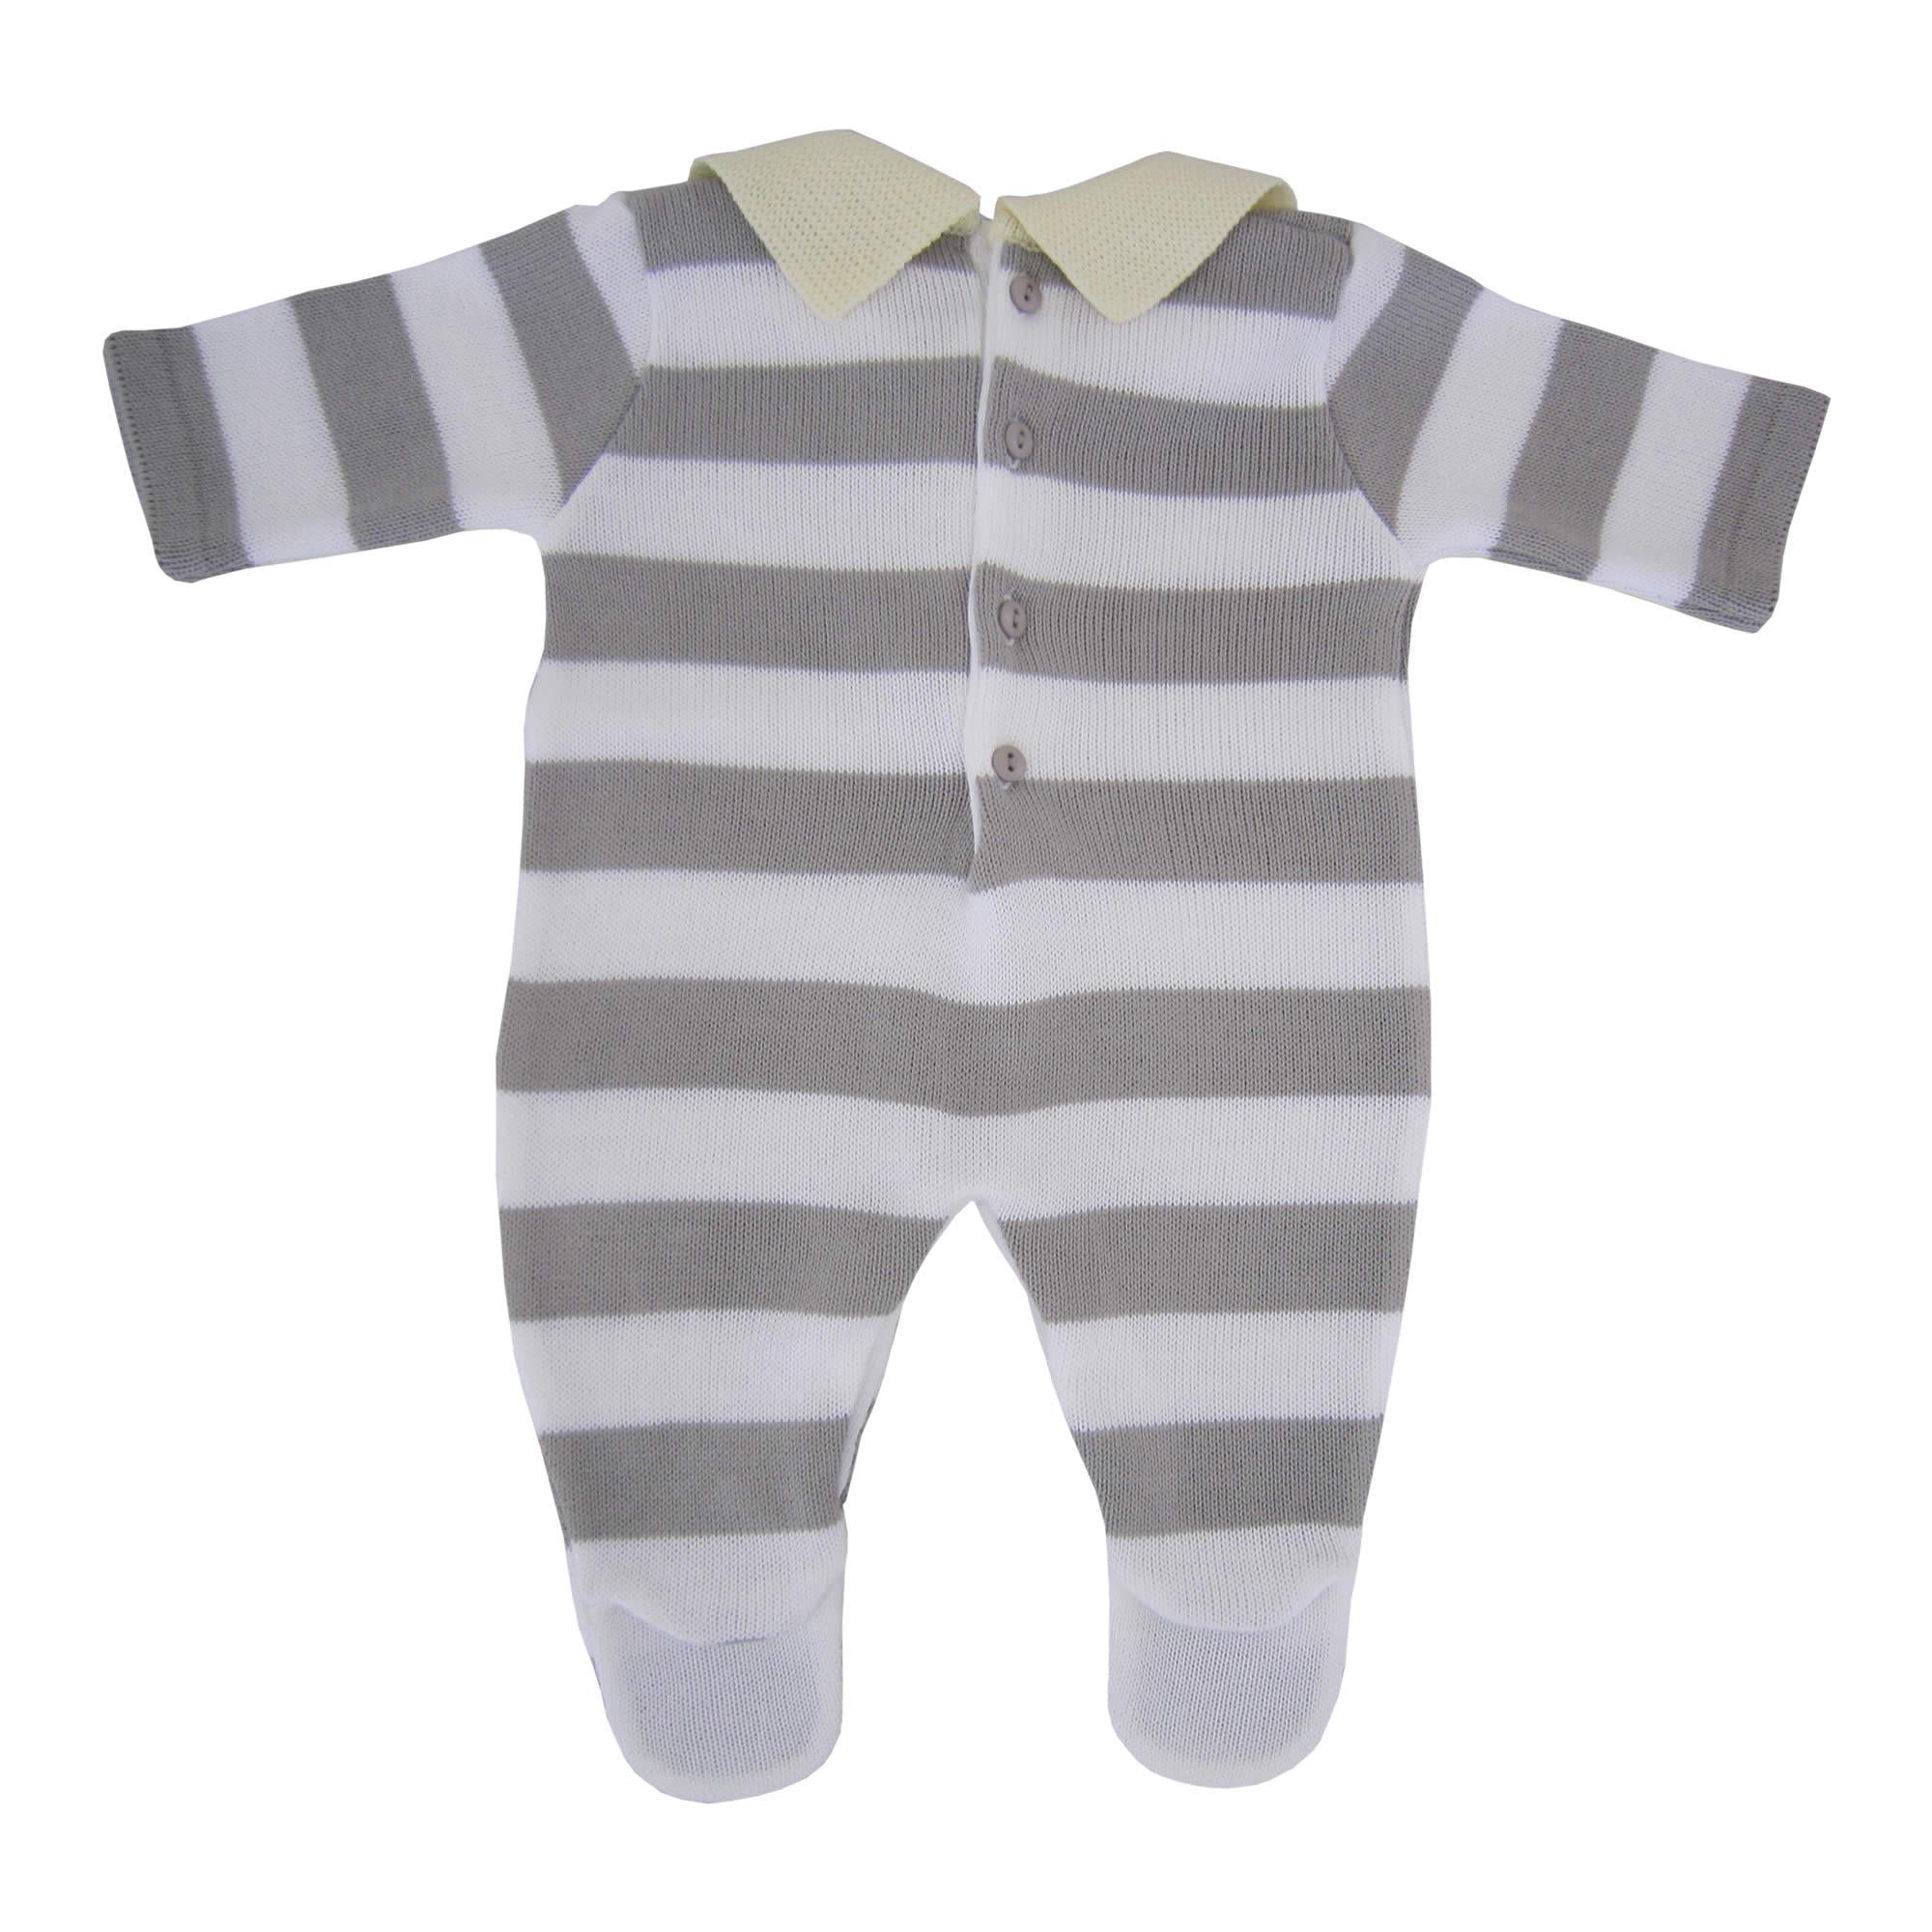 ddebe60413c79 ... Macacão Listrado Para Bebê Menino com Gola Polo - Pitcha ...